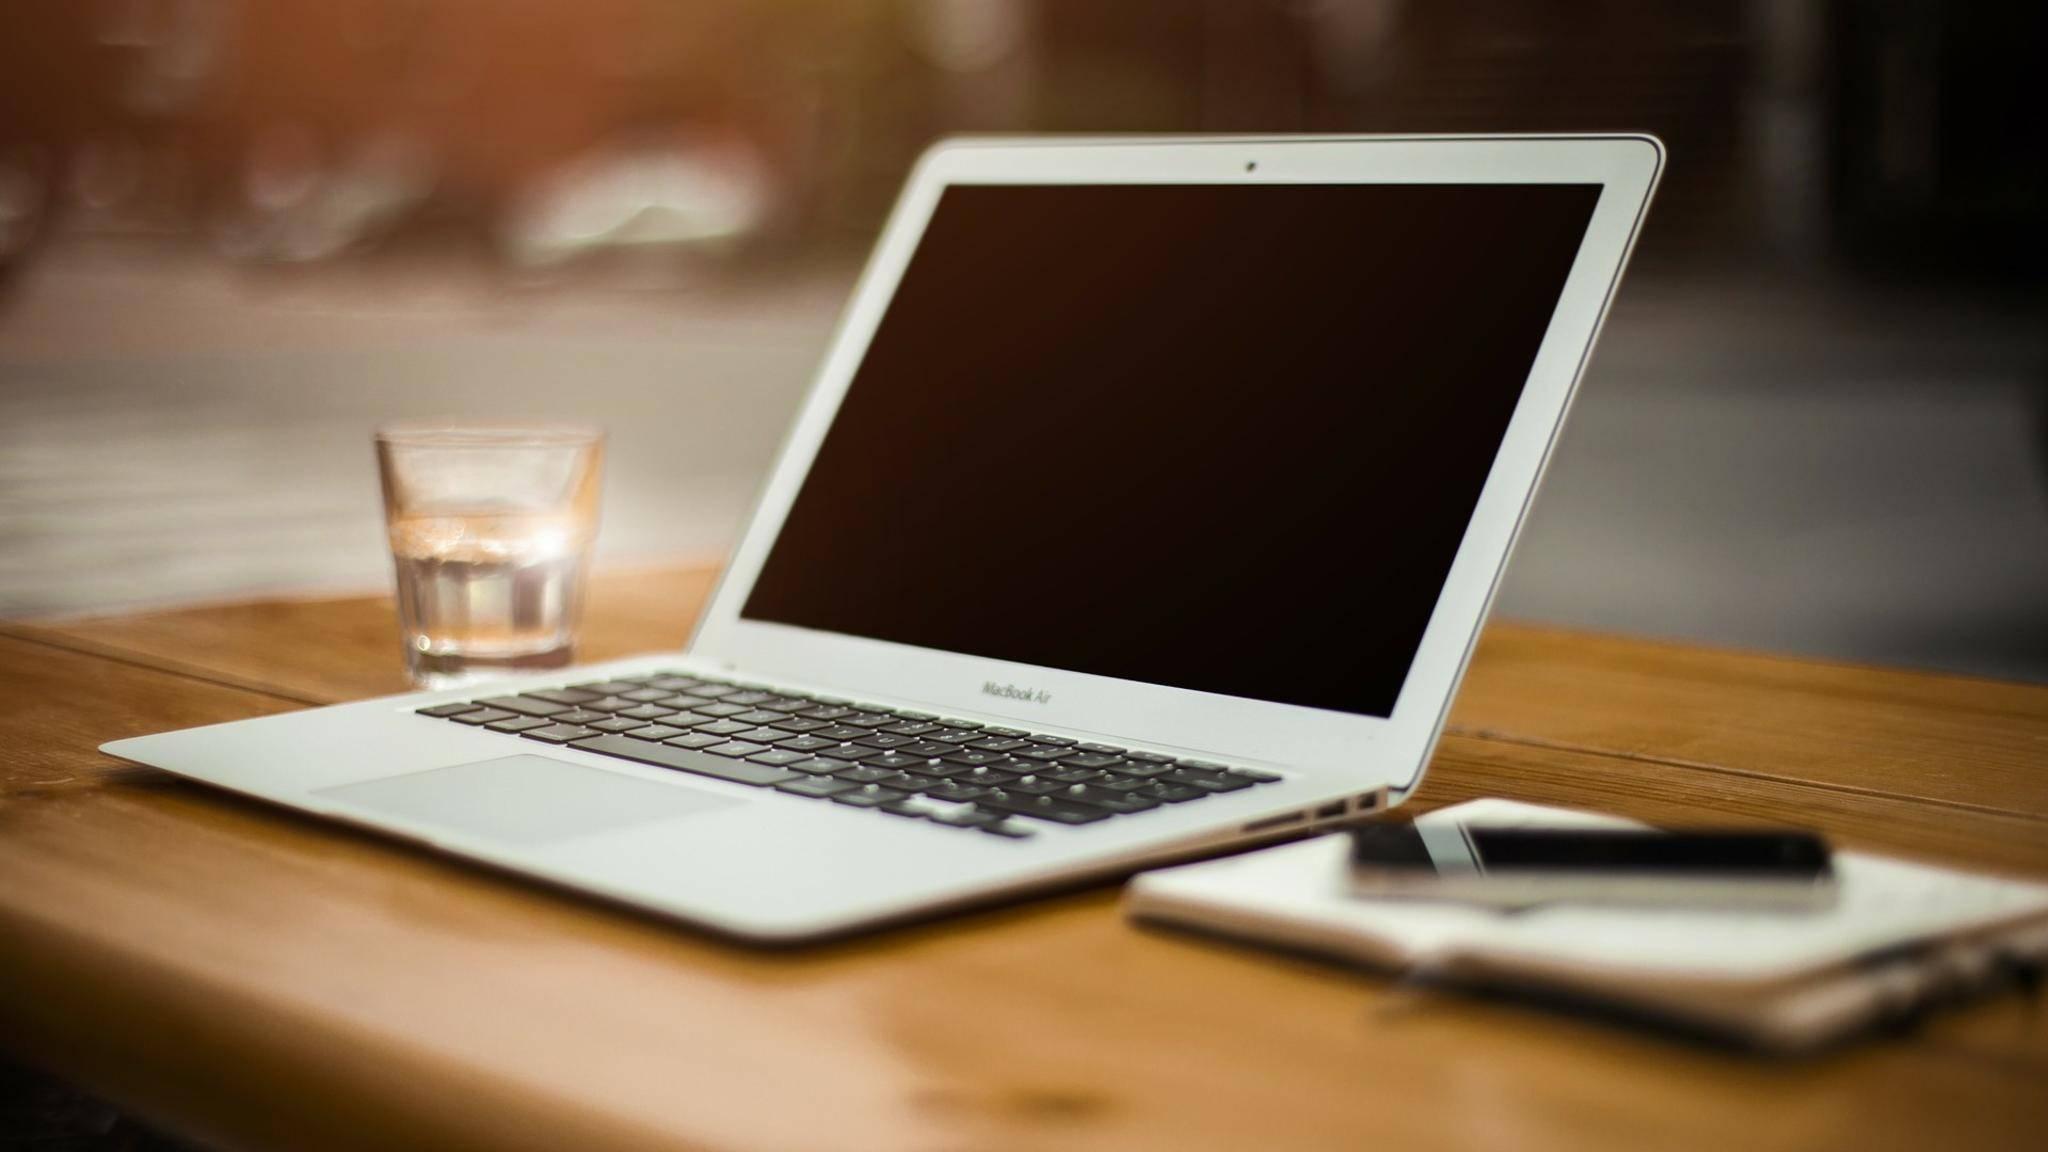 Der MacBook Air hatte beim Release im Jahr 2008 kein optisches Laufwerk, was damals noch sehr ungewöhnlich war.